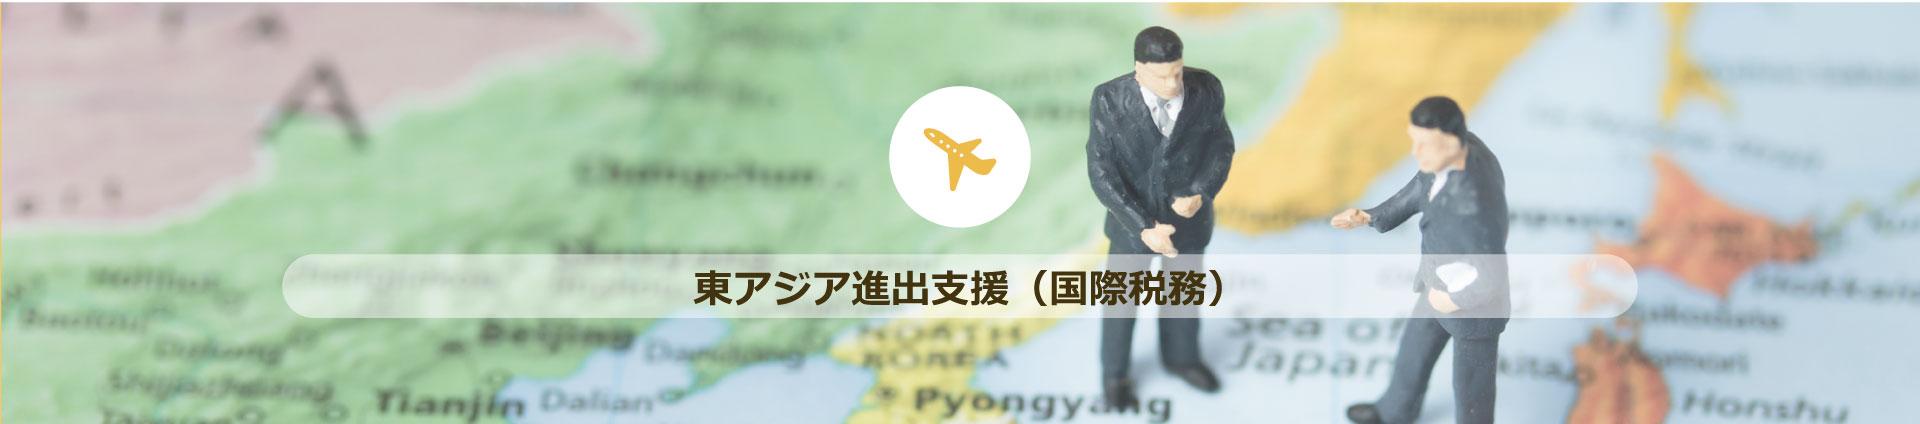 東アジア進出支援(国際税務)